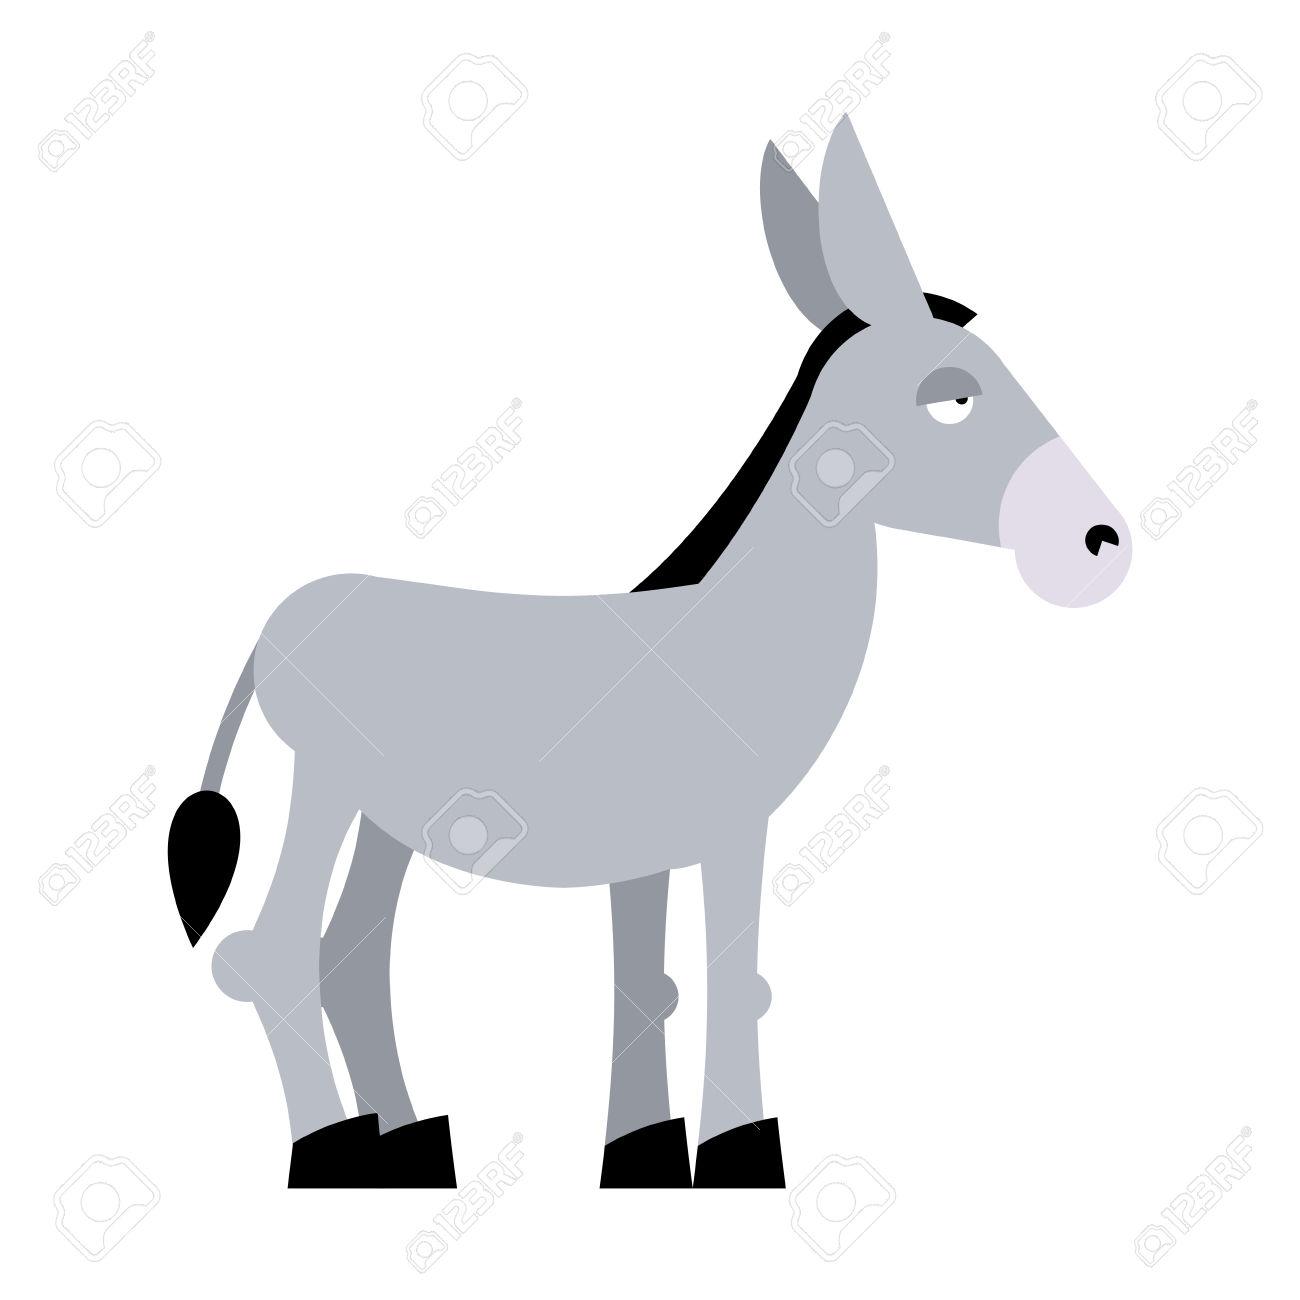 Donkey On White Background. Donkey Isolated. Cartoon Donkey.